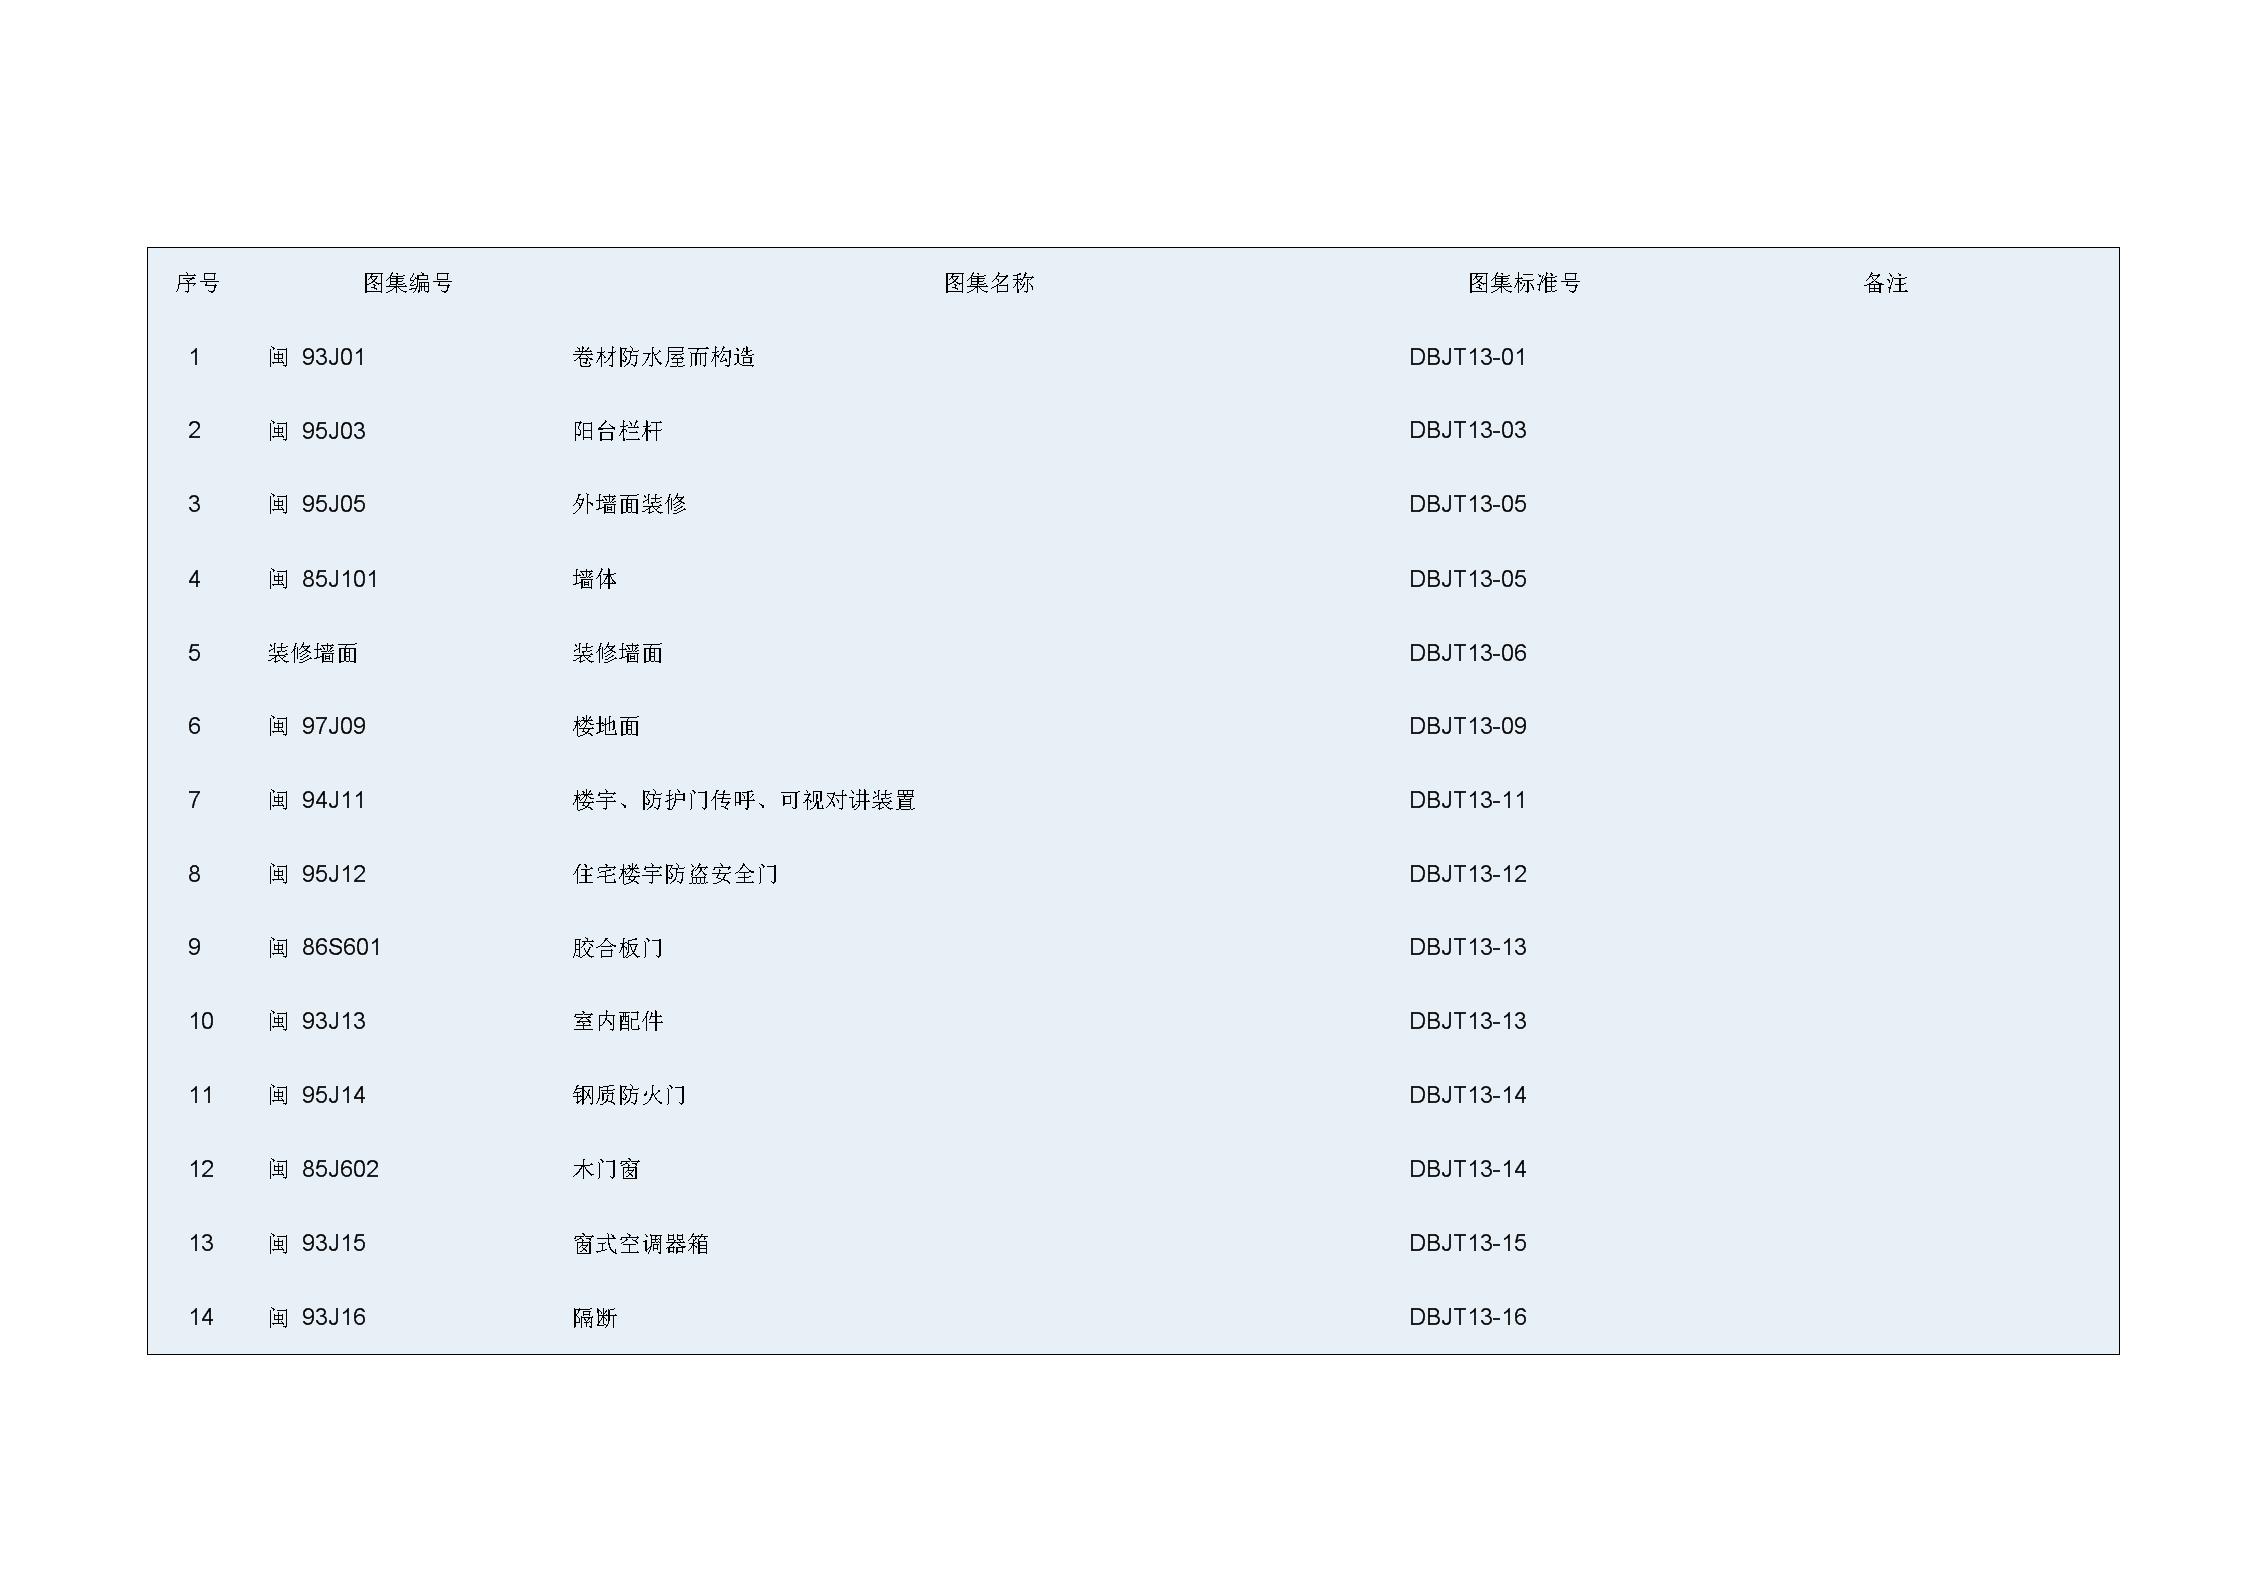 福建建筑工程图集.docx